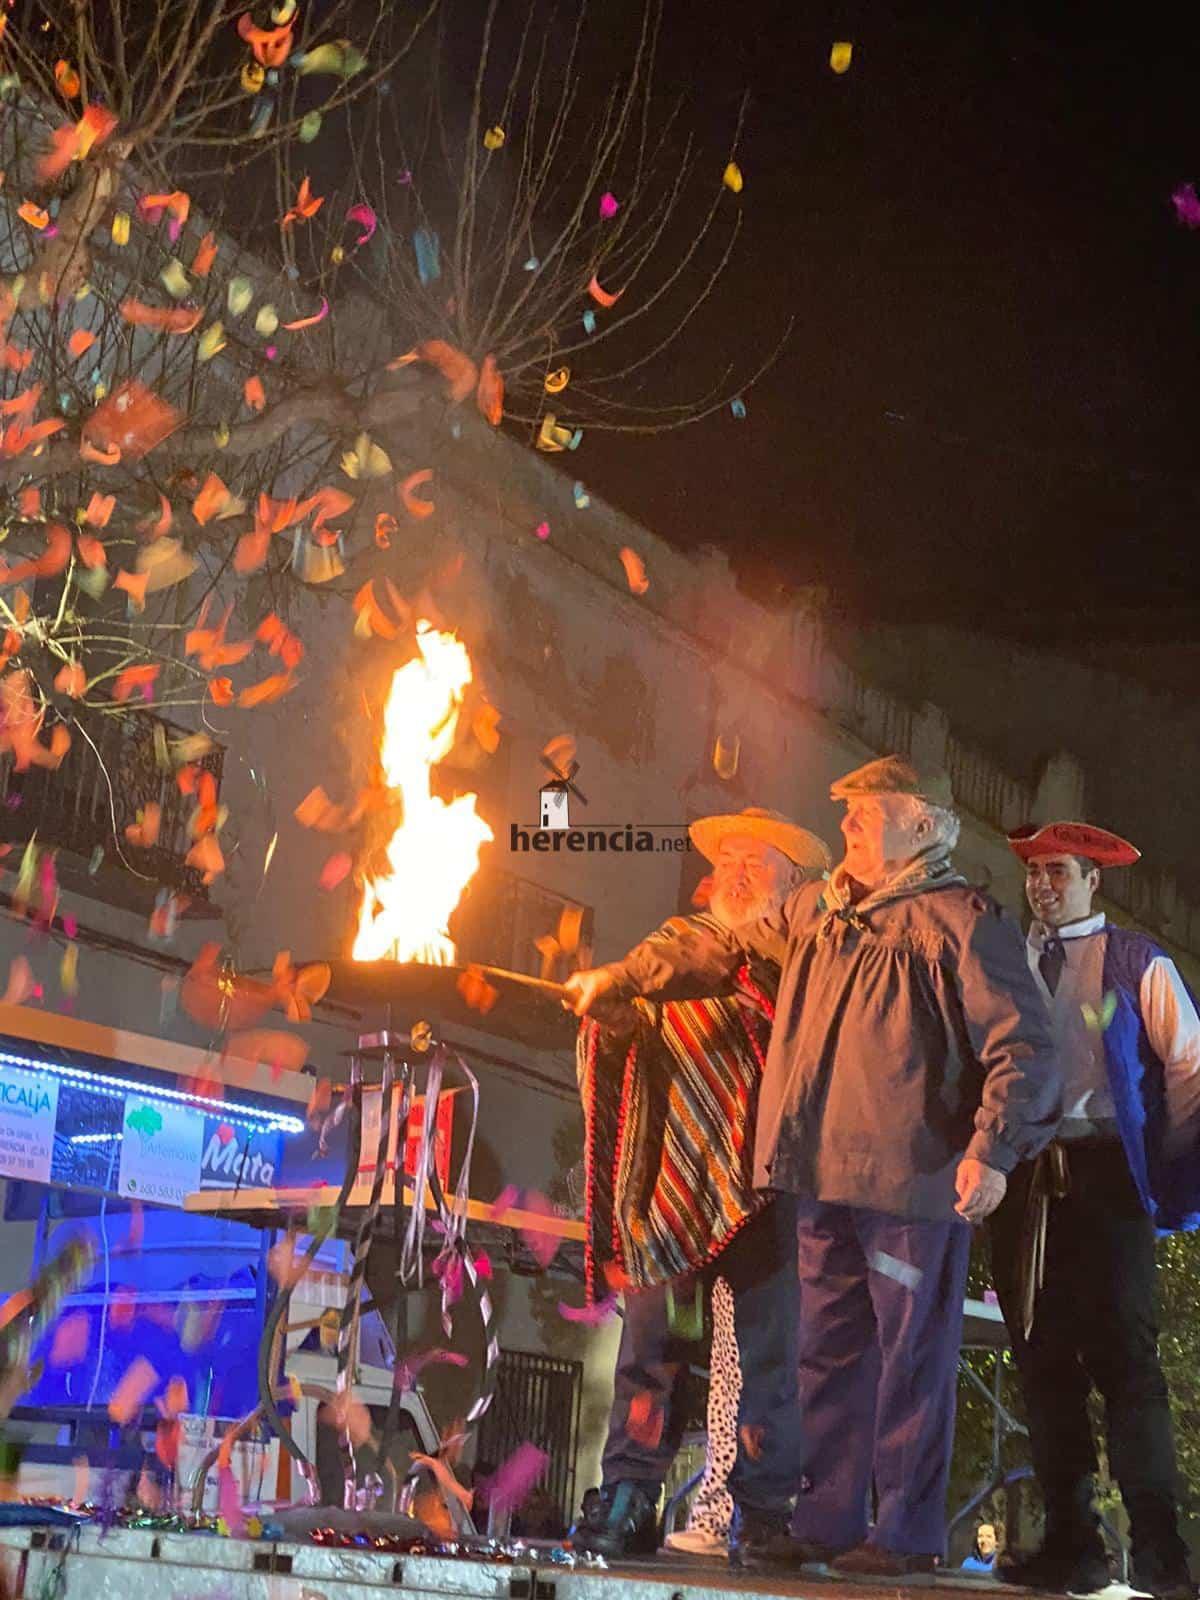 carnaval herencia 2020 viernes prisillas 18 - Viernes de Prisillas 2020 del Carnaval en imágenes